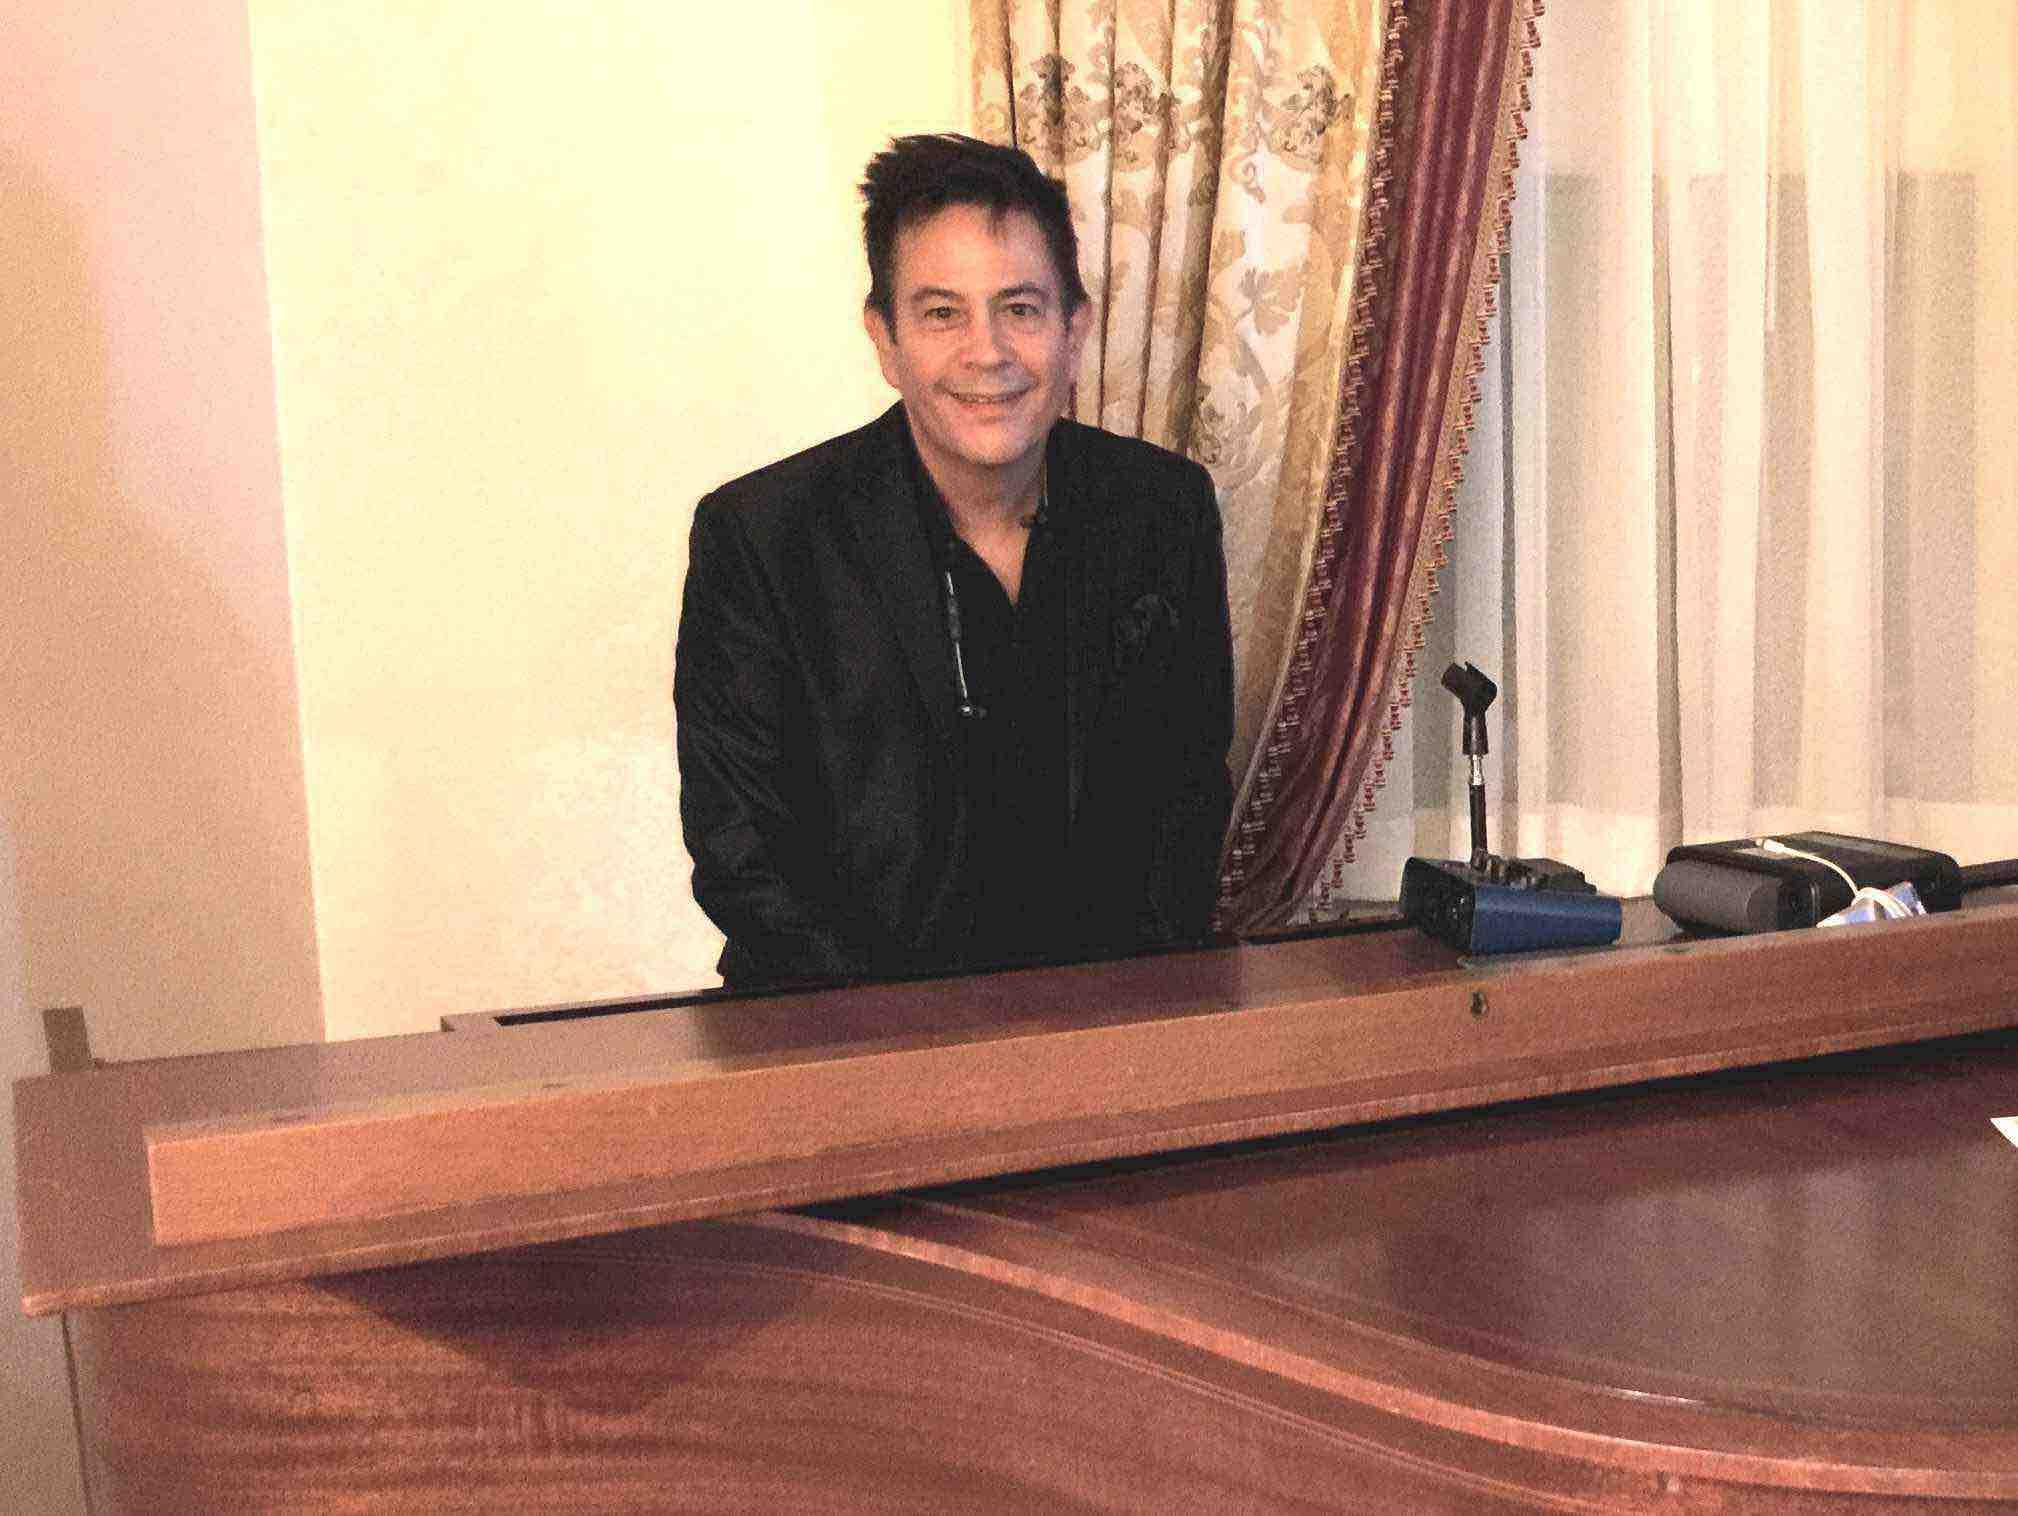 vl-at-cole-porter-piano